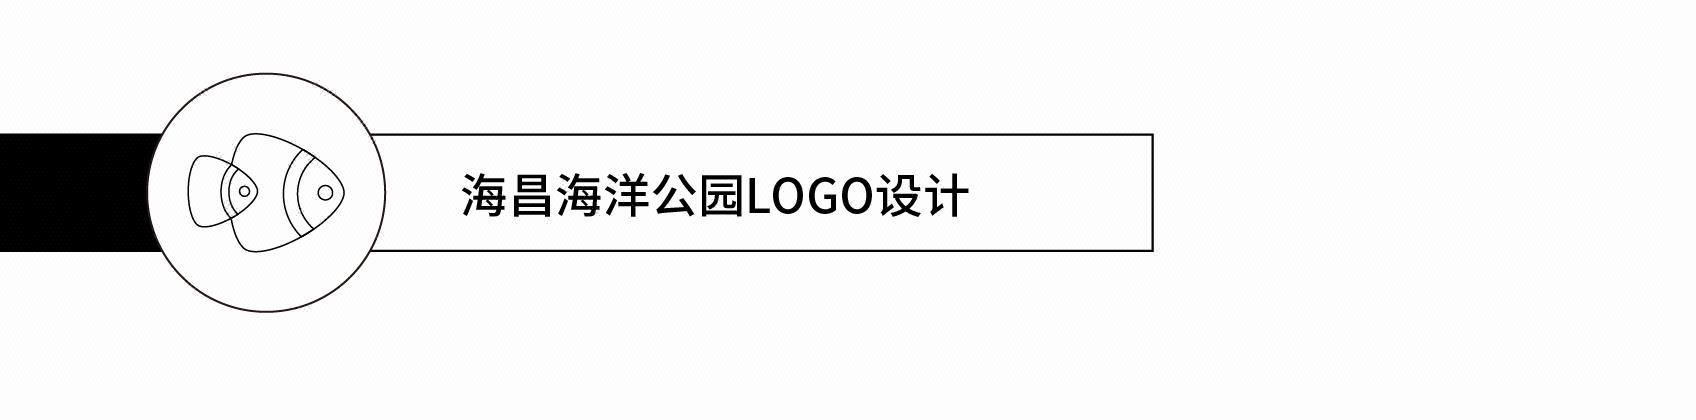 LOGO_字体设计文字logo公司企业品牌标志图标设计8